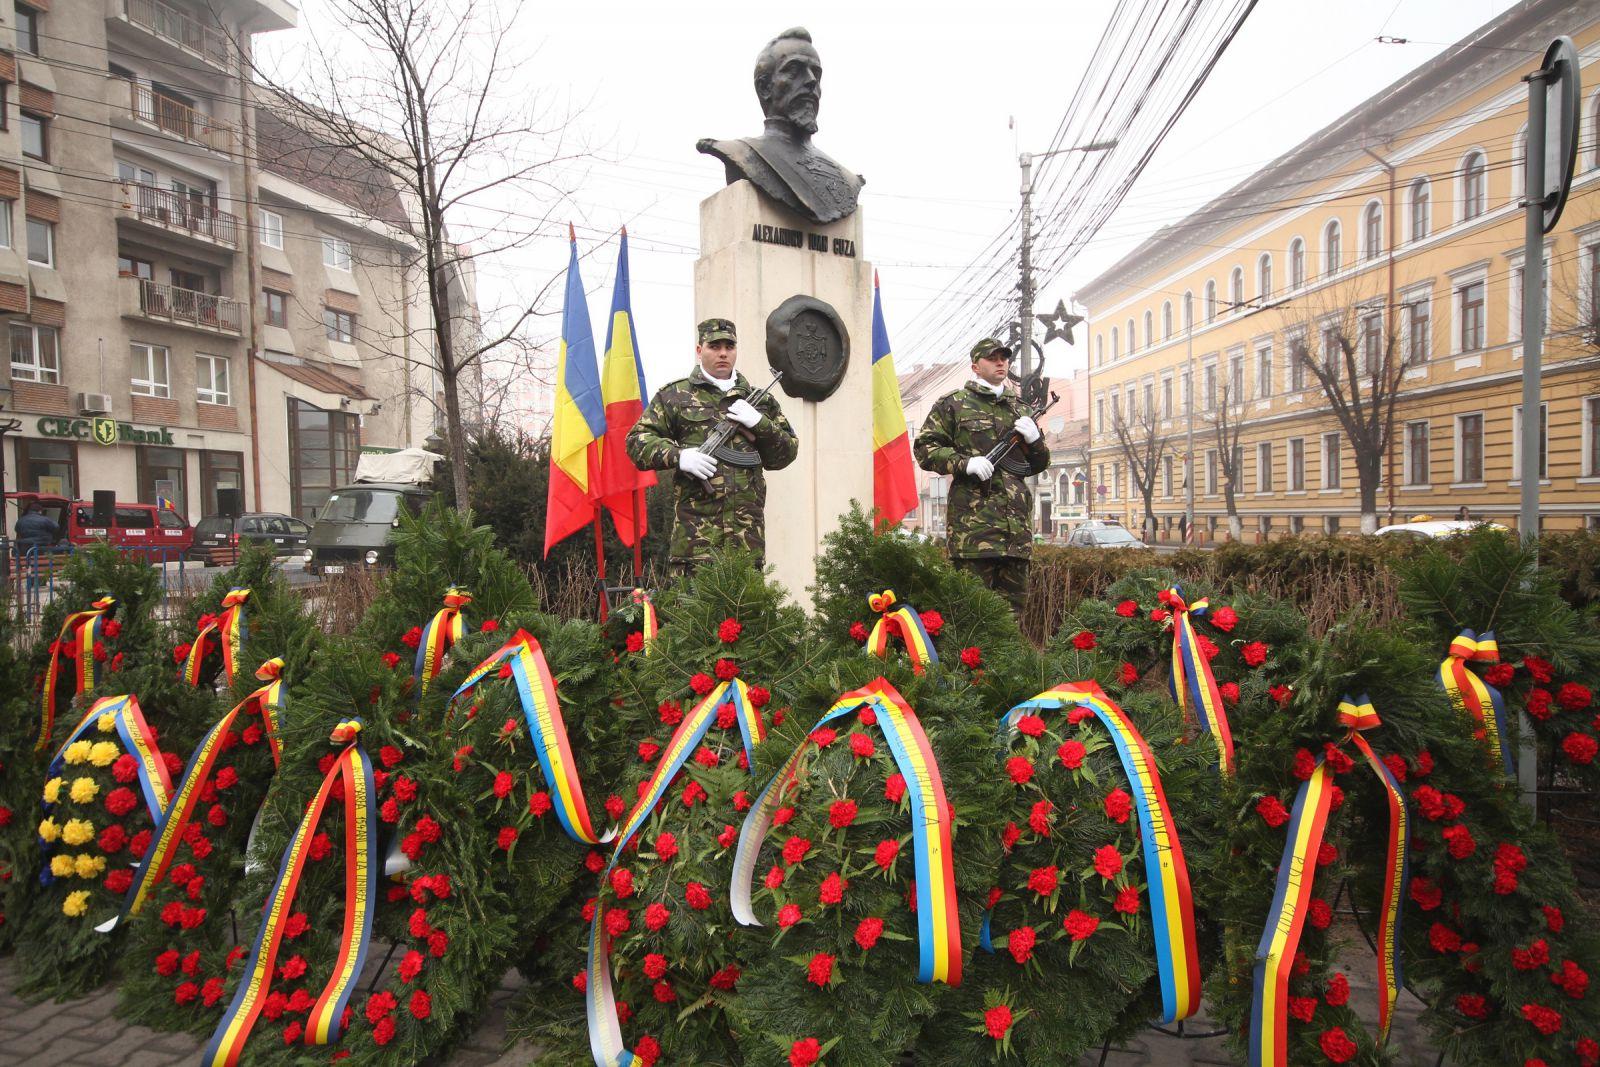 Clujul petrece de Ziua Unirii Principatelor